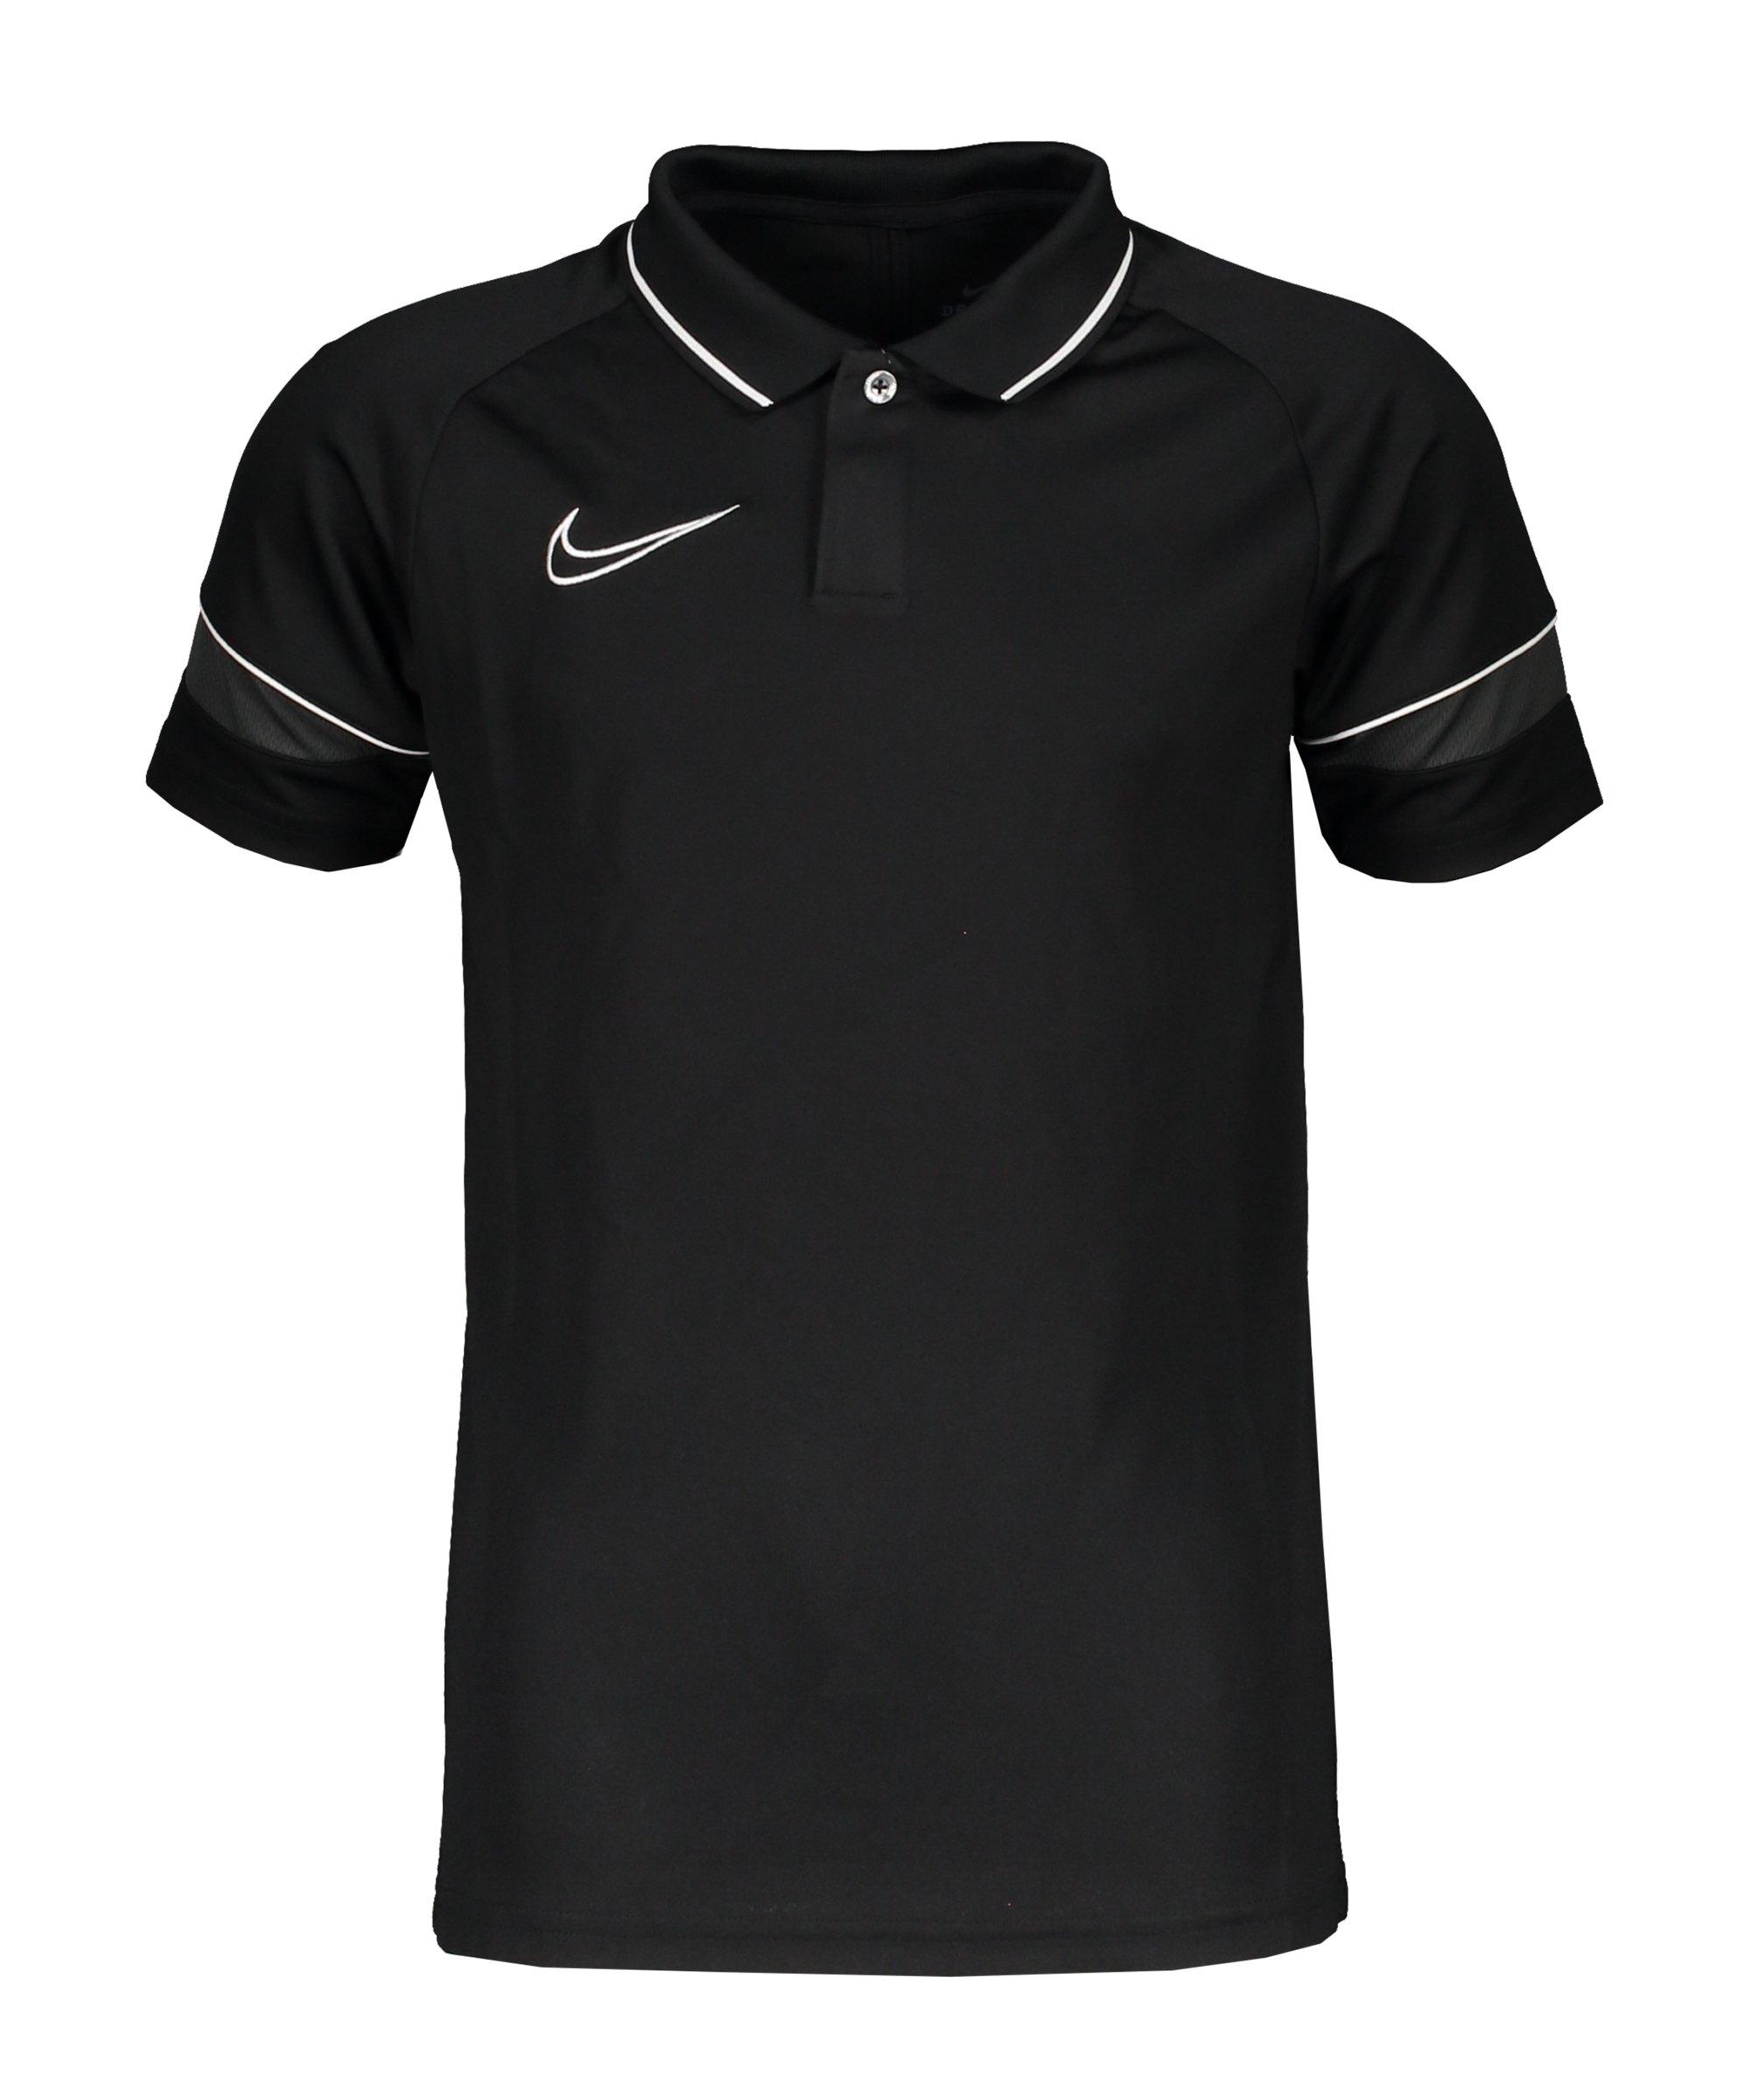 Nike Academy 21 Poloshirt Kids Schwarz Weiss F014 - schwarz